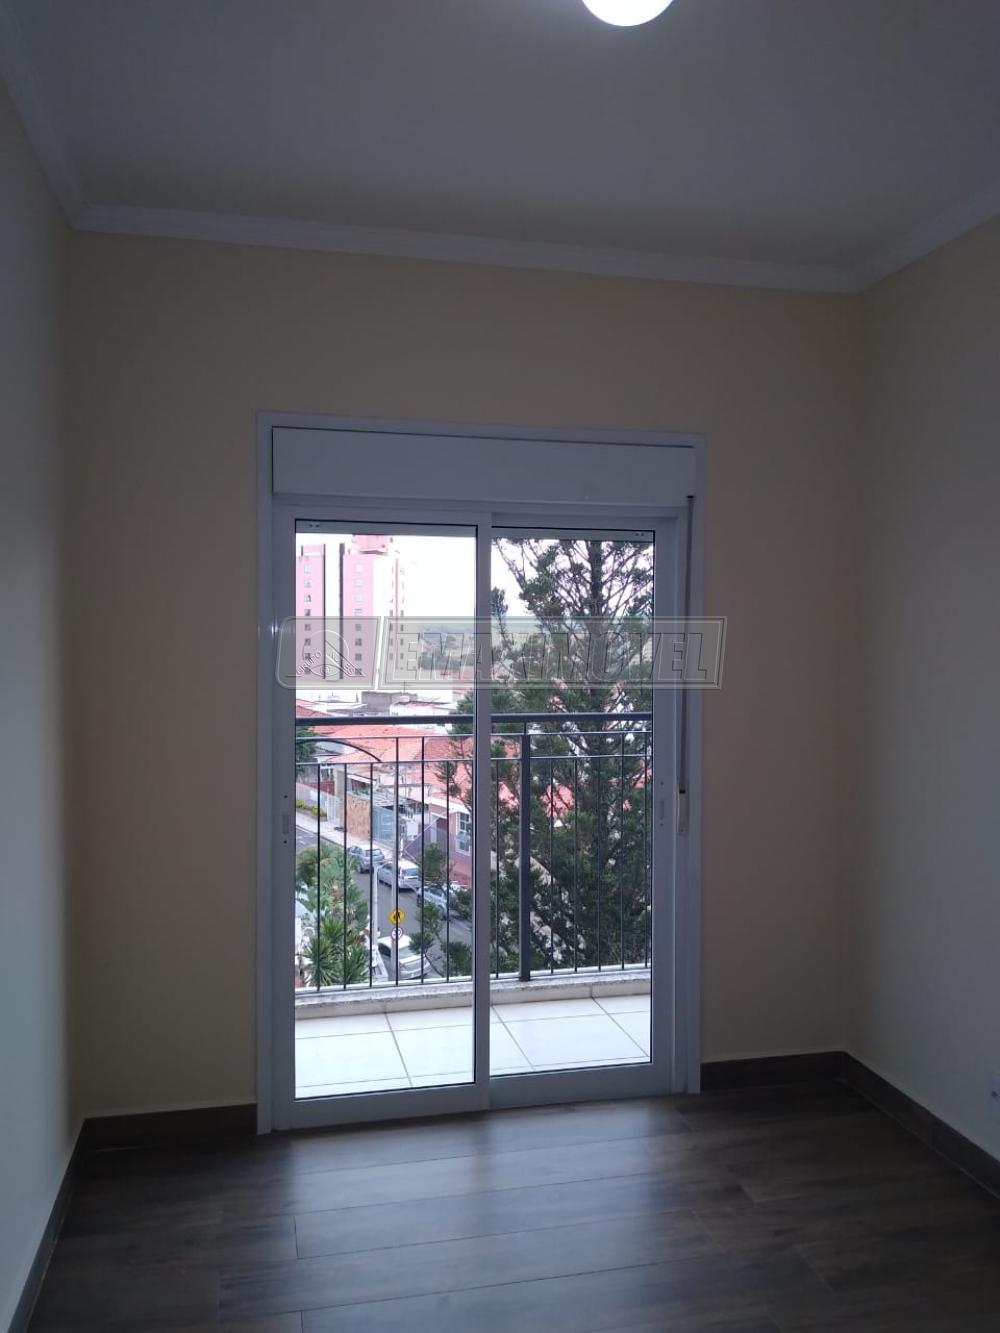 Comprar Apartamentos / Apto Padrão em Sorocaba apenas R$ 490.000,00 - Foto 12